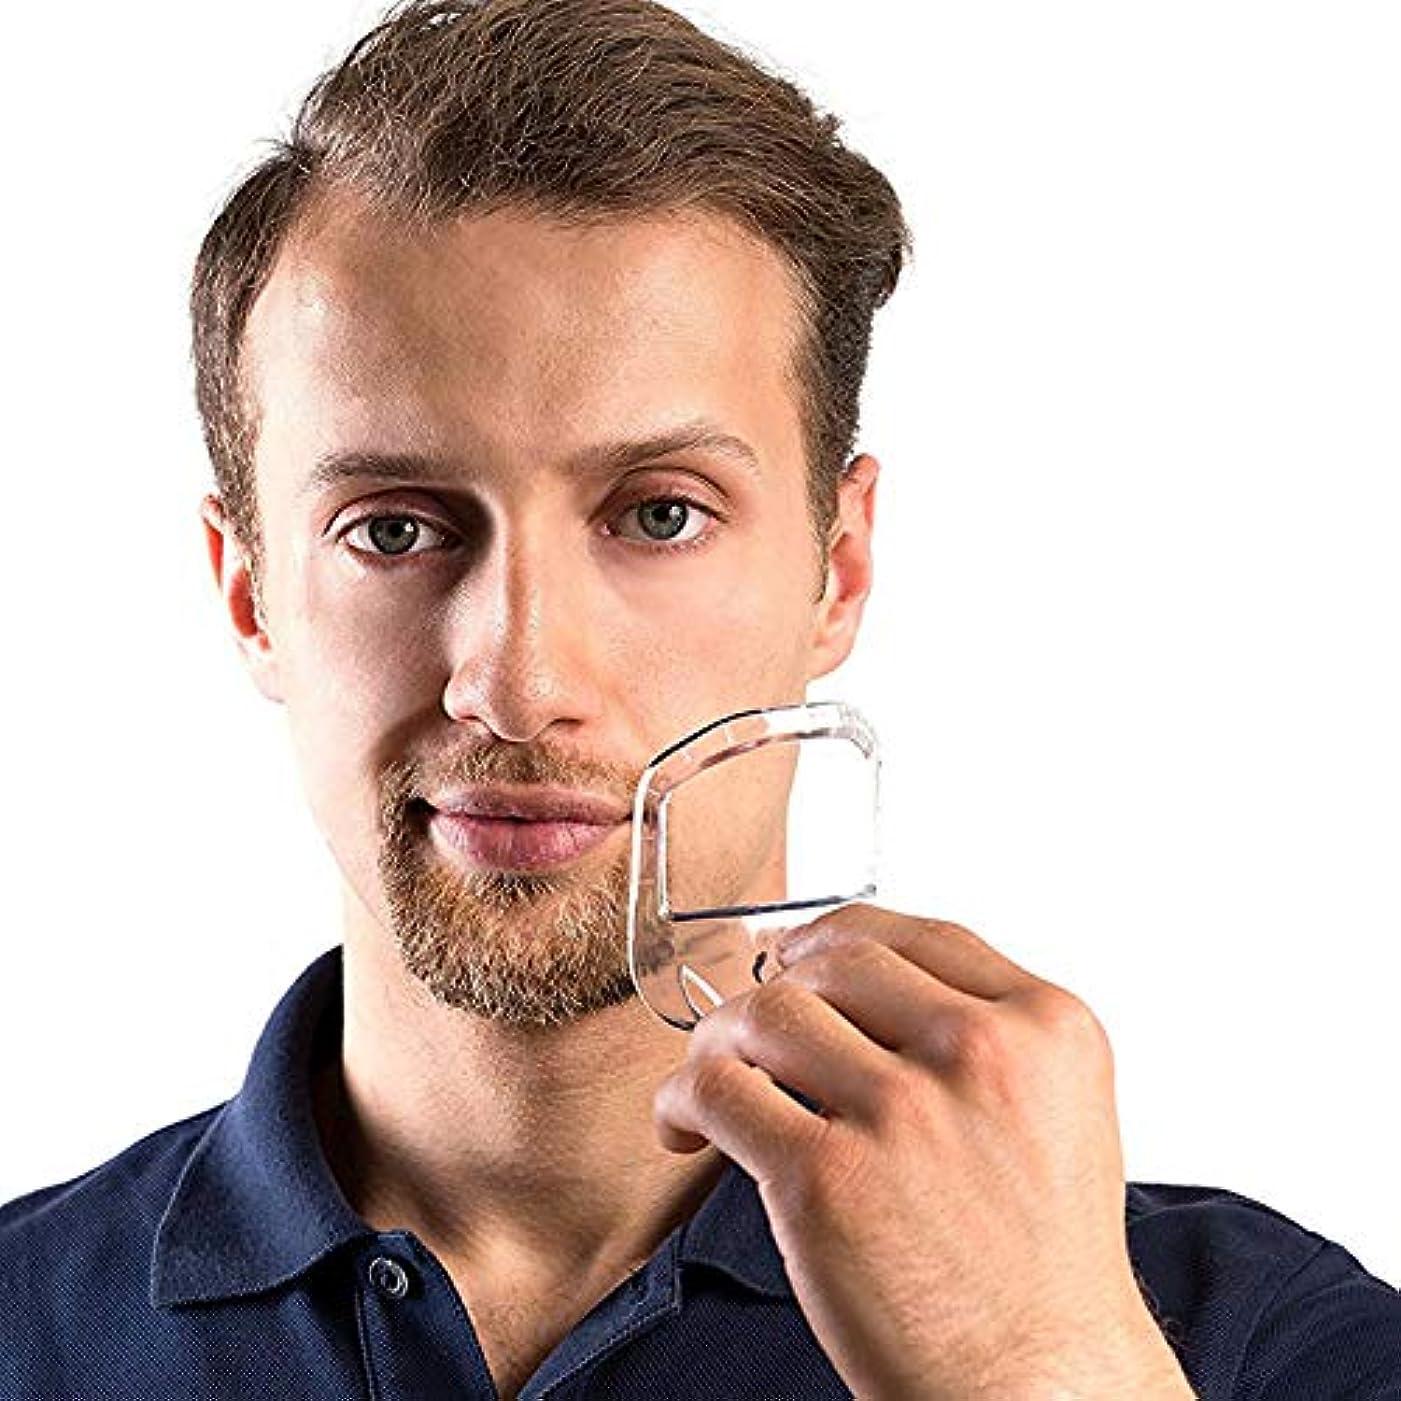 ストッキング穏やかな取り扱いSODIAL 5ピース/セット 対称カットあごひげ ネックライン口ひげ グルーミングひげスタイリングケアひげシェーピングシェービングツール - 透明色